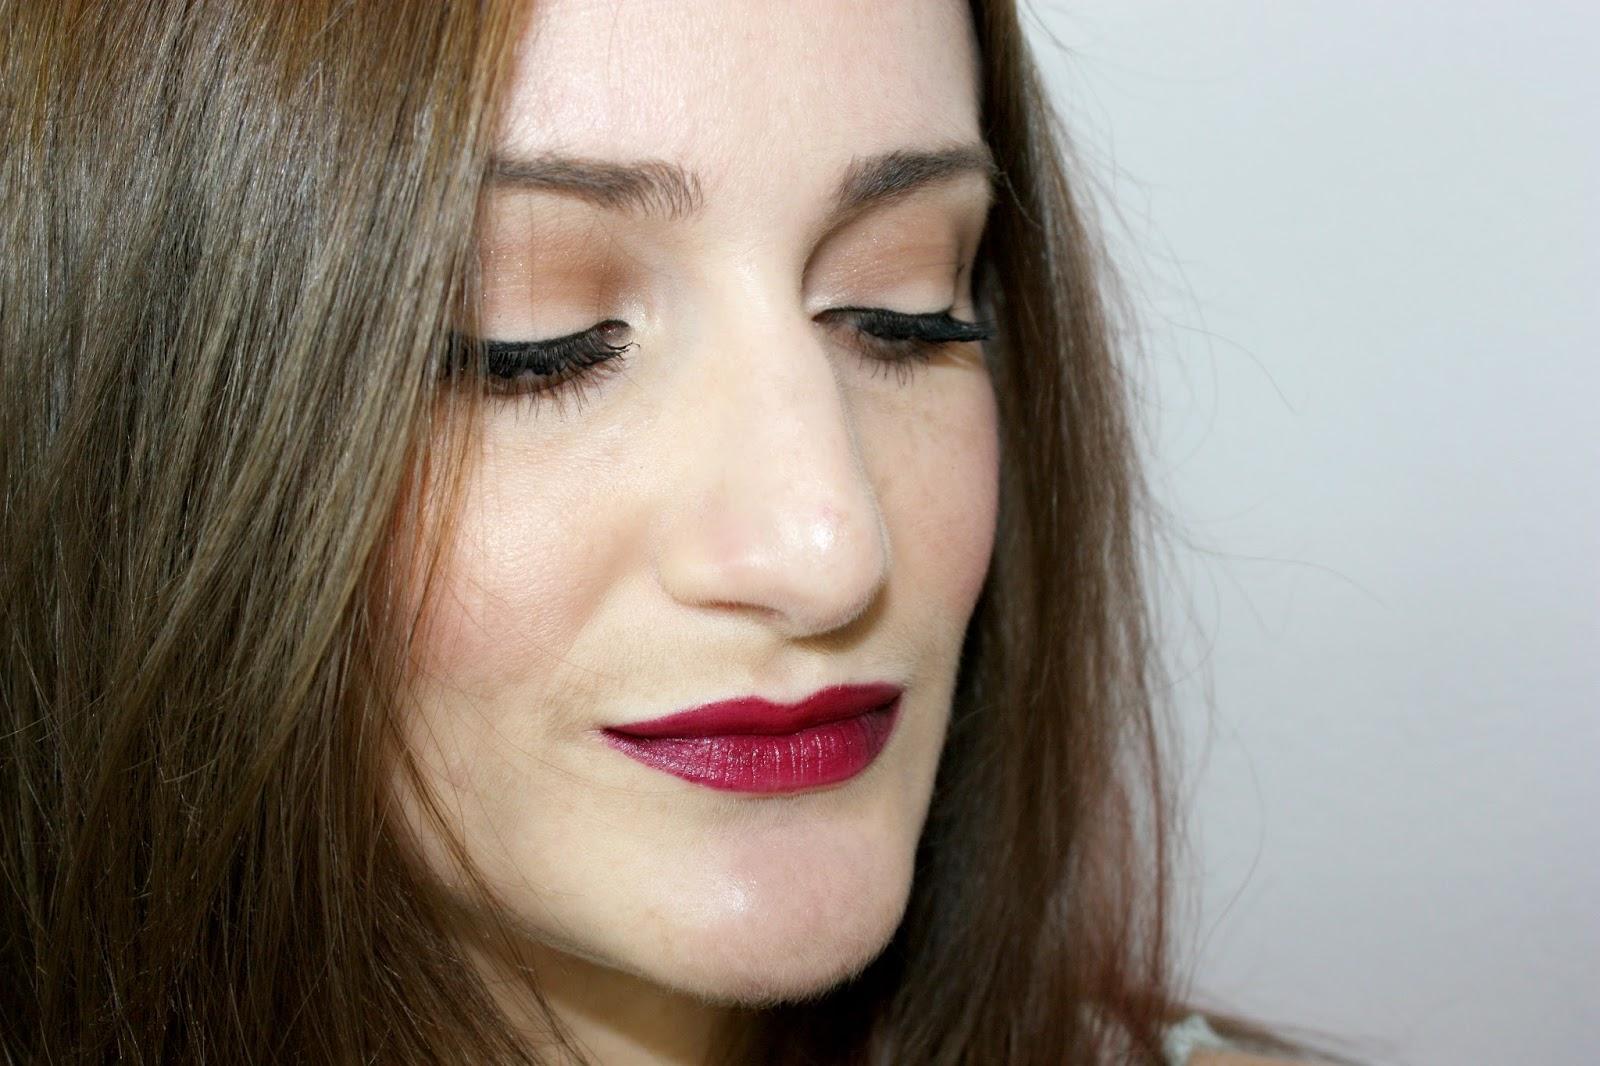 Préférence Nous les Nanas: Mon Ombré Lips d'Automne avec Amaranth de Kiko ❤❤❤ WO97